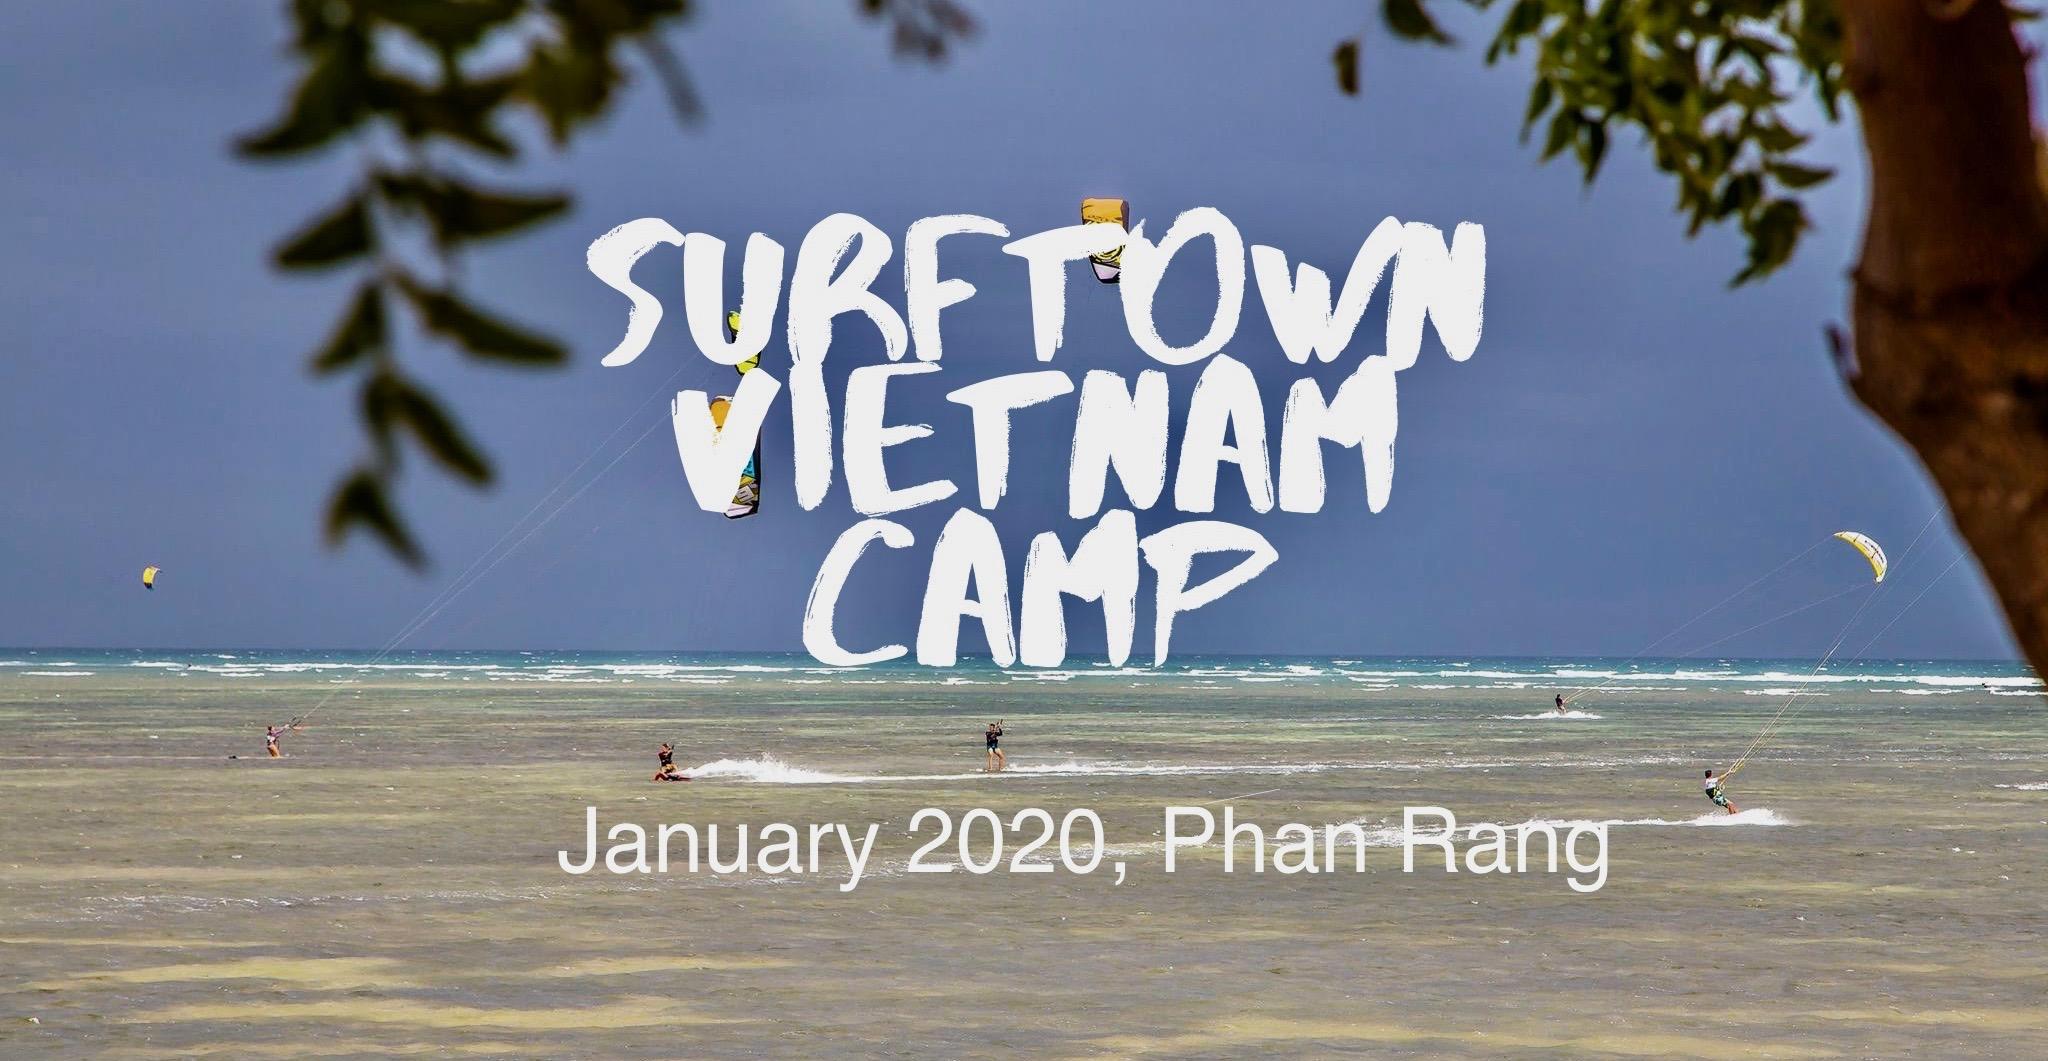 Vietnam Camp